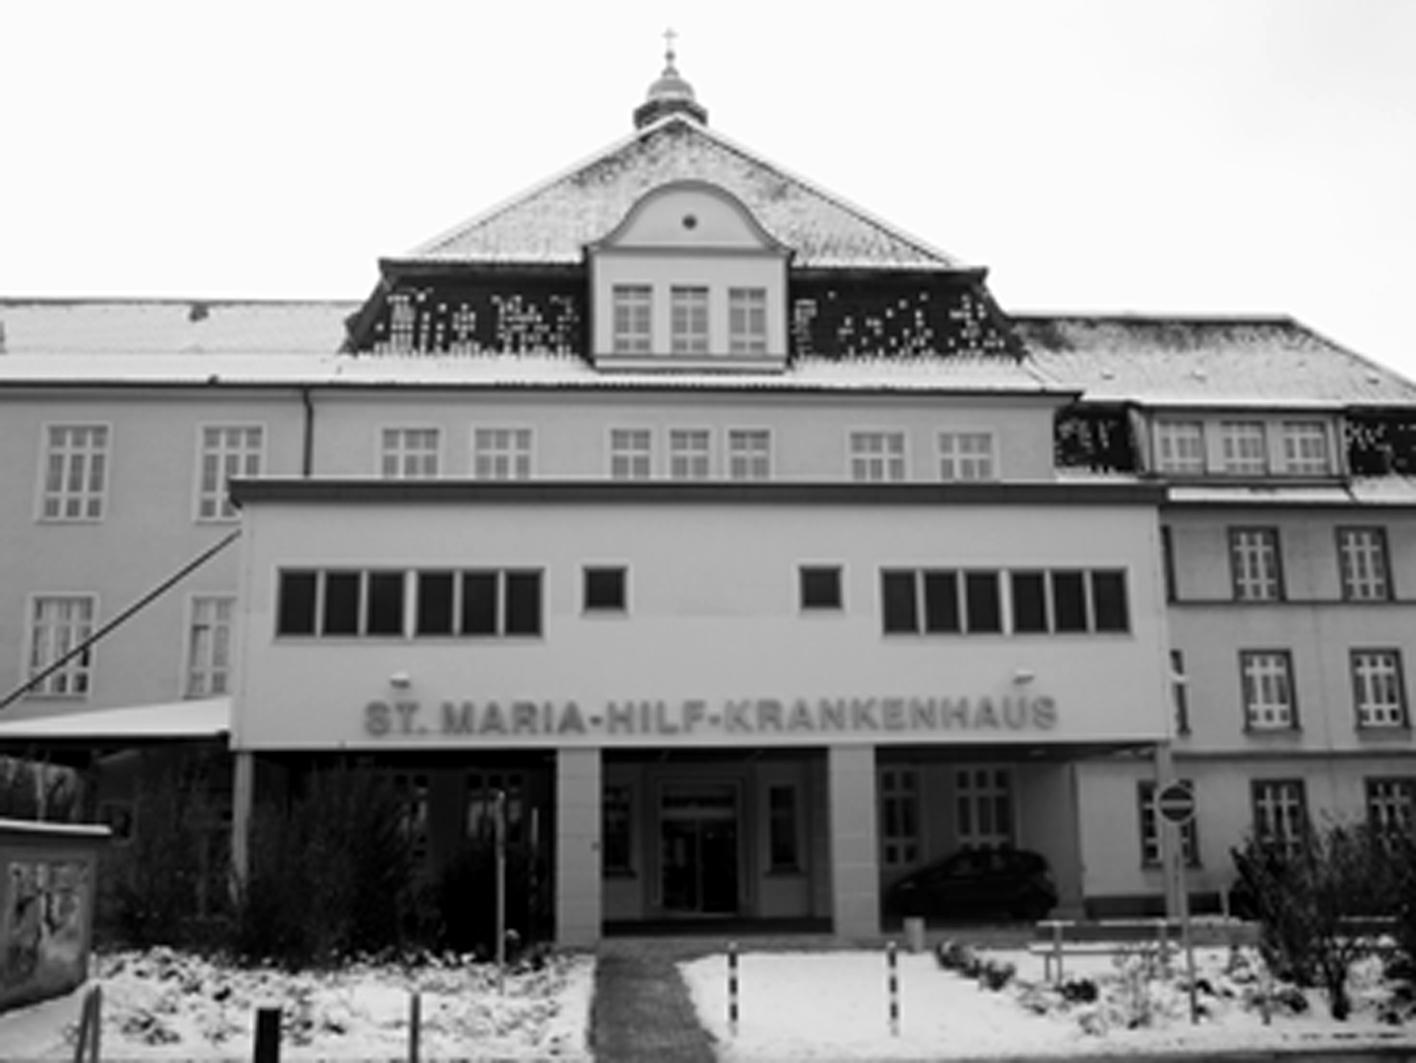 krankenhaus nrw 2009 geschlossen